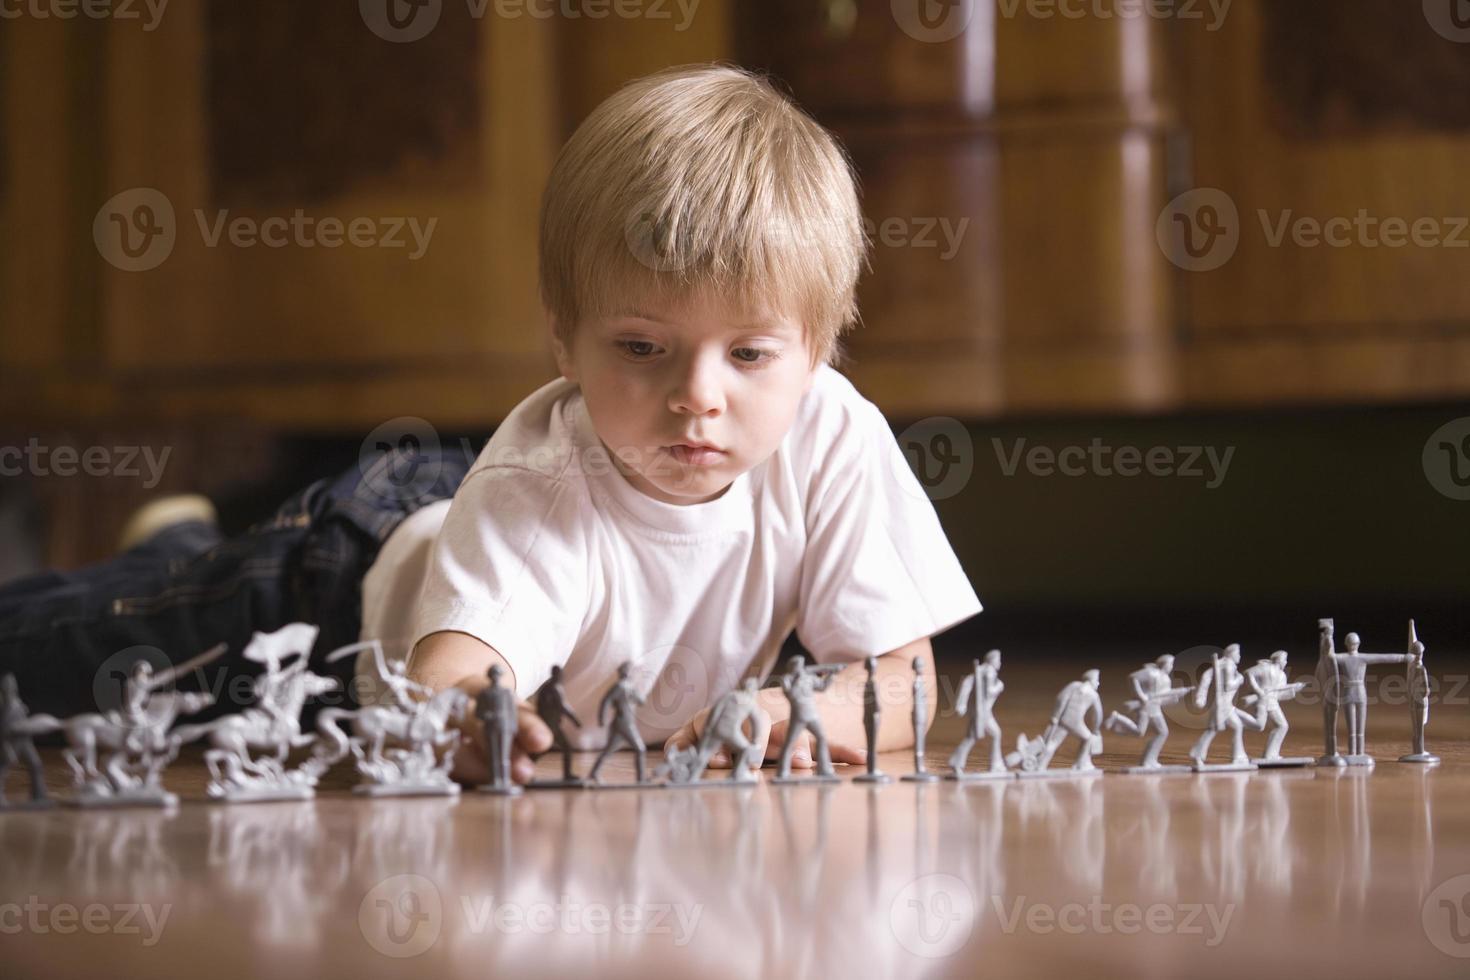 Niño jugando con soldados de juguete en el piso foto